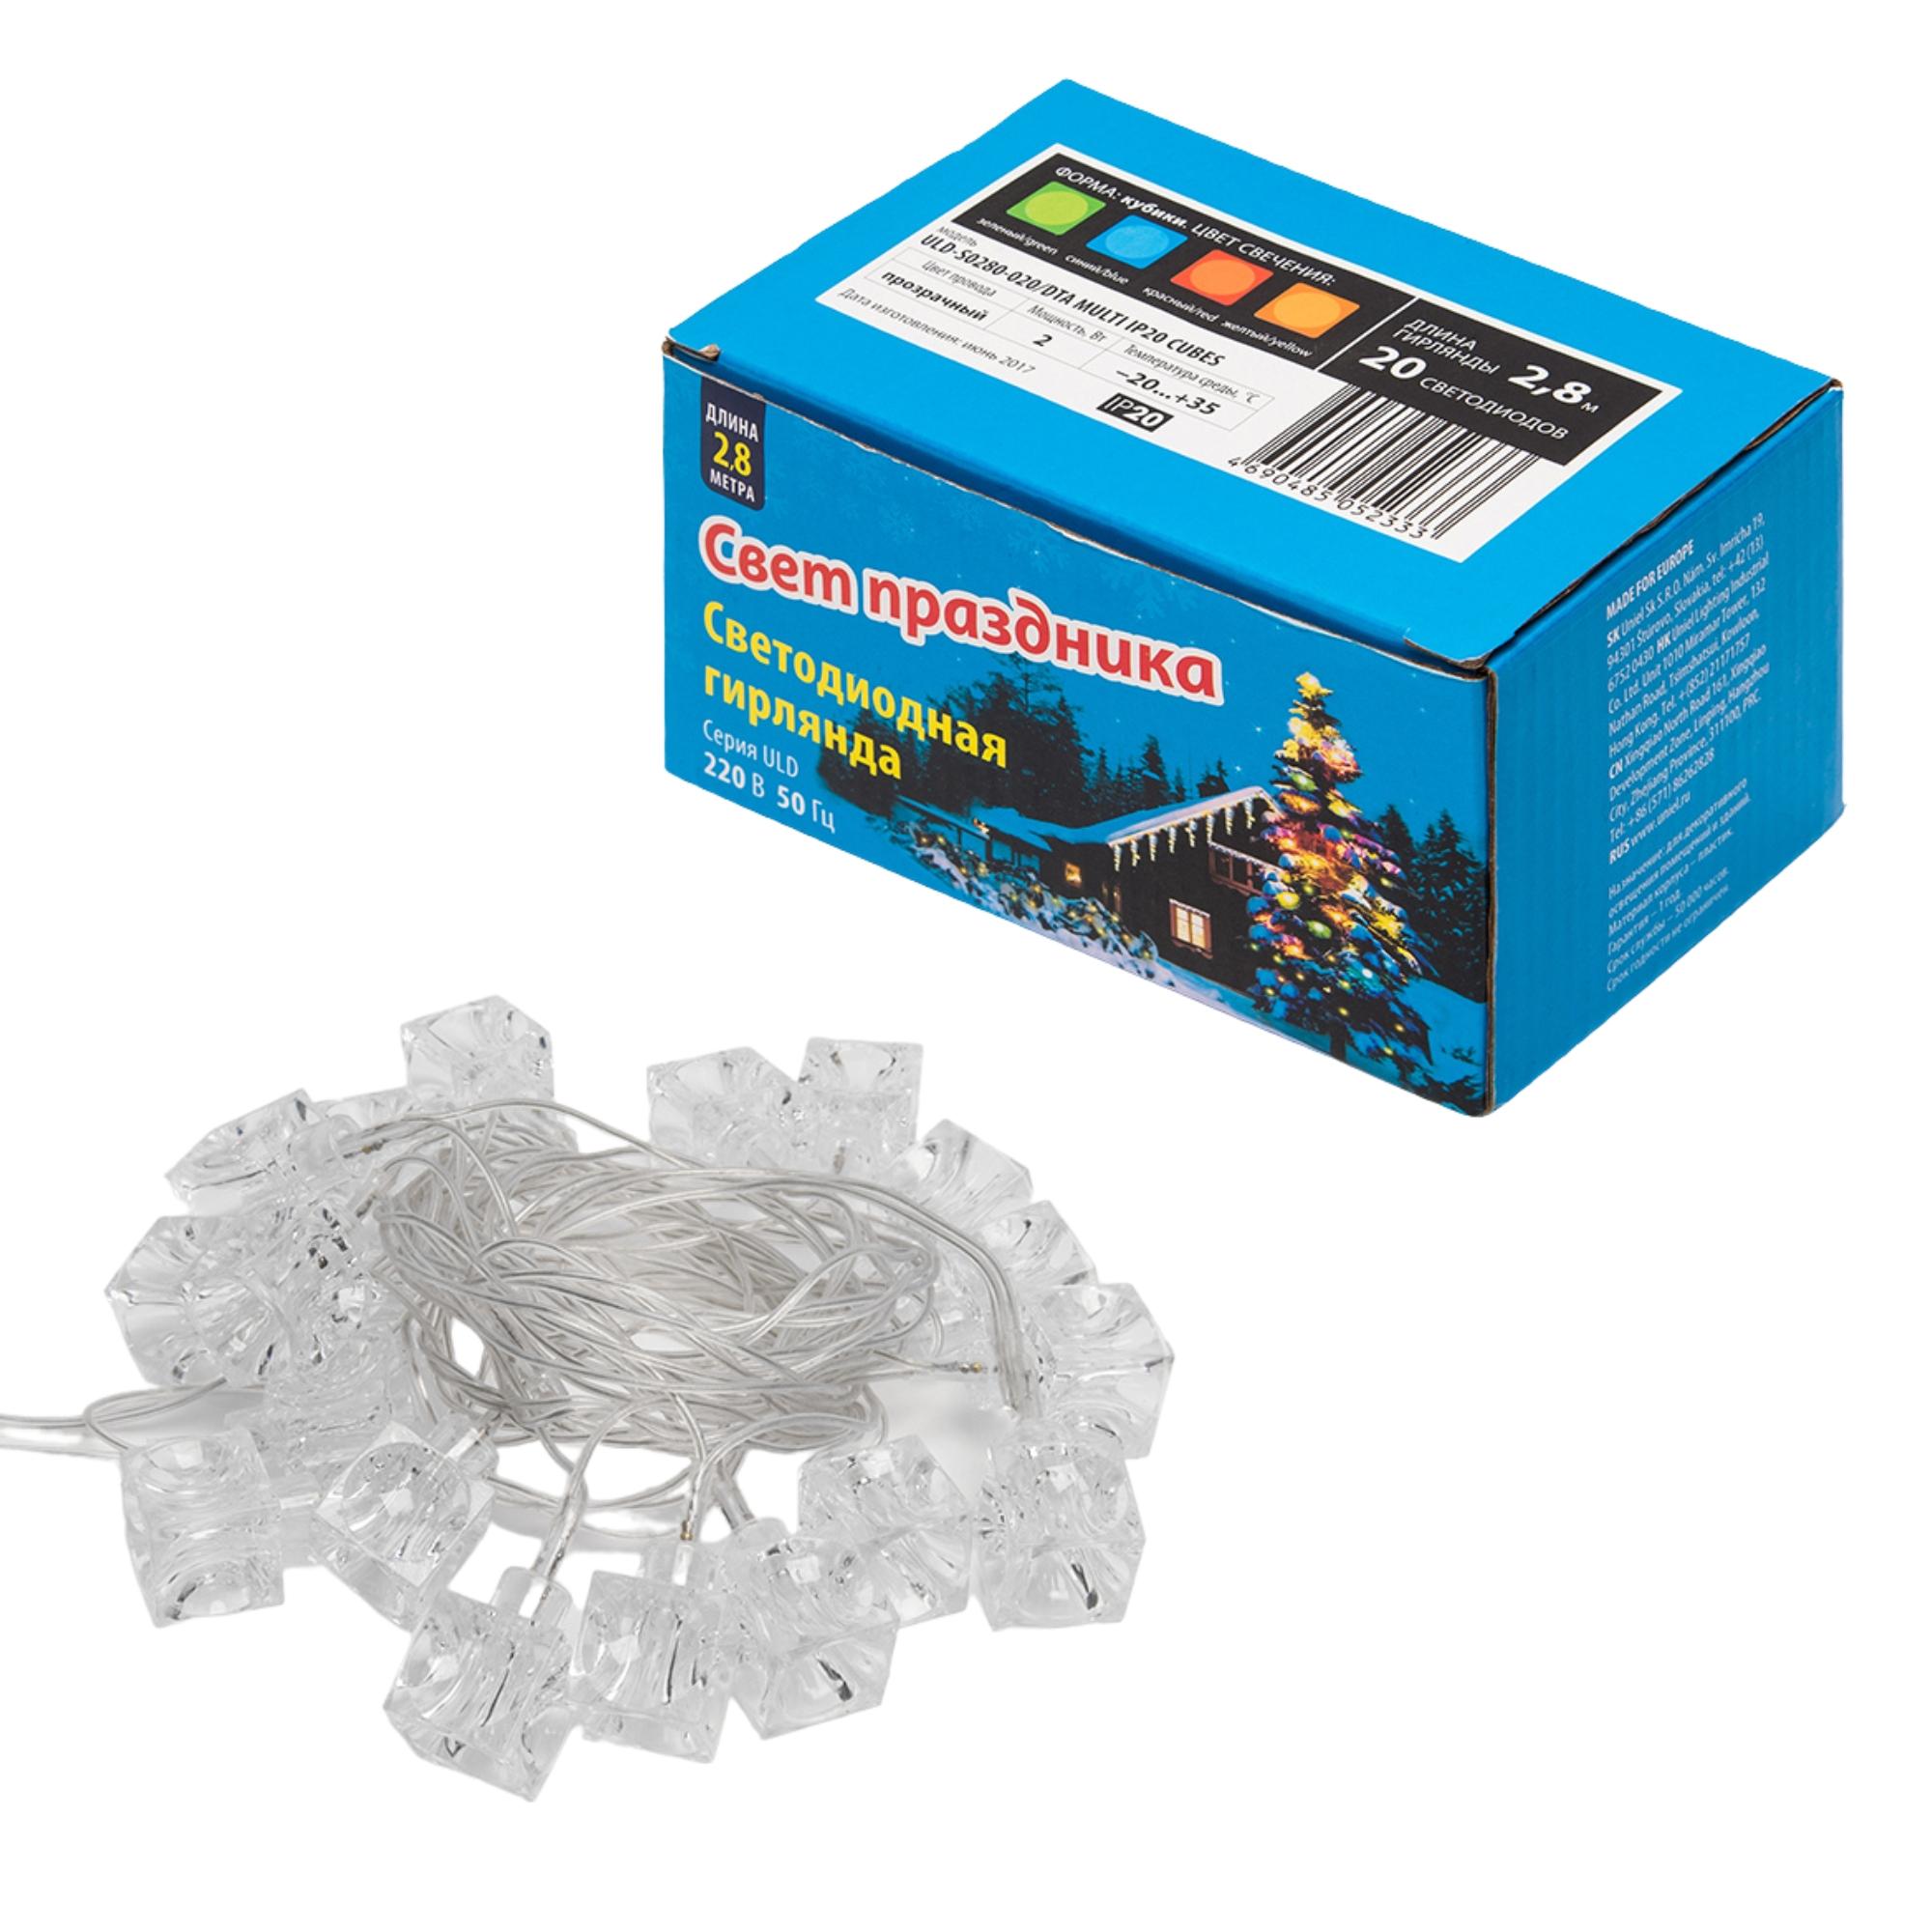 Гирлянда светодиодная ULD-S0280-020/DTA Кубики с контроллером, 20 светодиодов, 2,8 м, разноцветная, IP20, провод прозрачный.